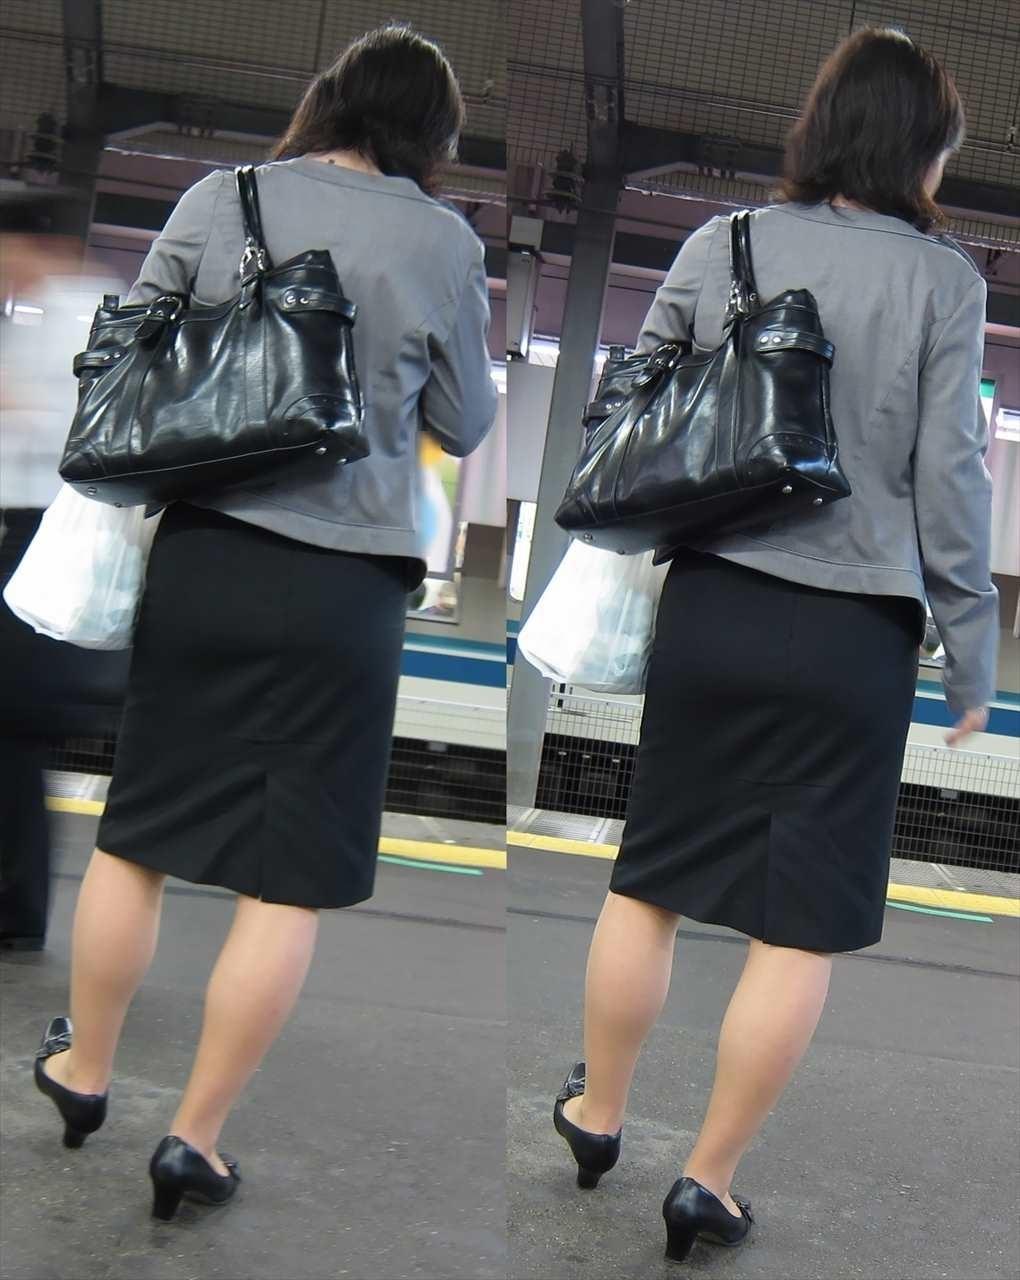 【街撮りOLエロ画像】着衣尻と美脚を只管追っかけ!肉付きたまらん働く女性の下半身www 14